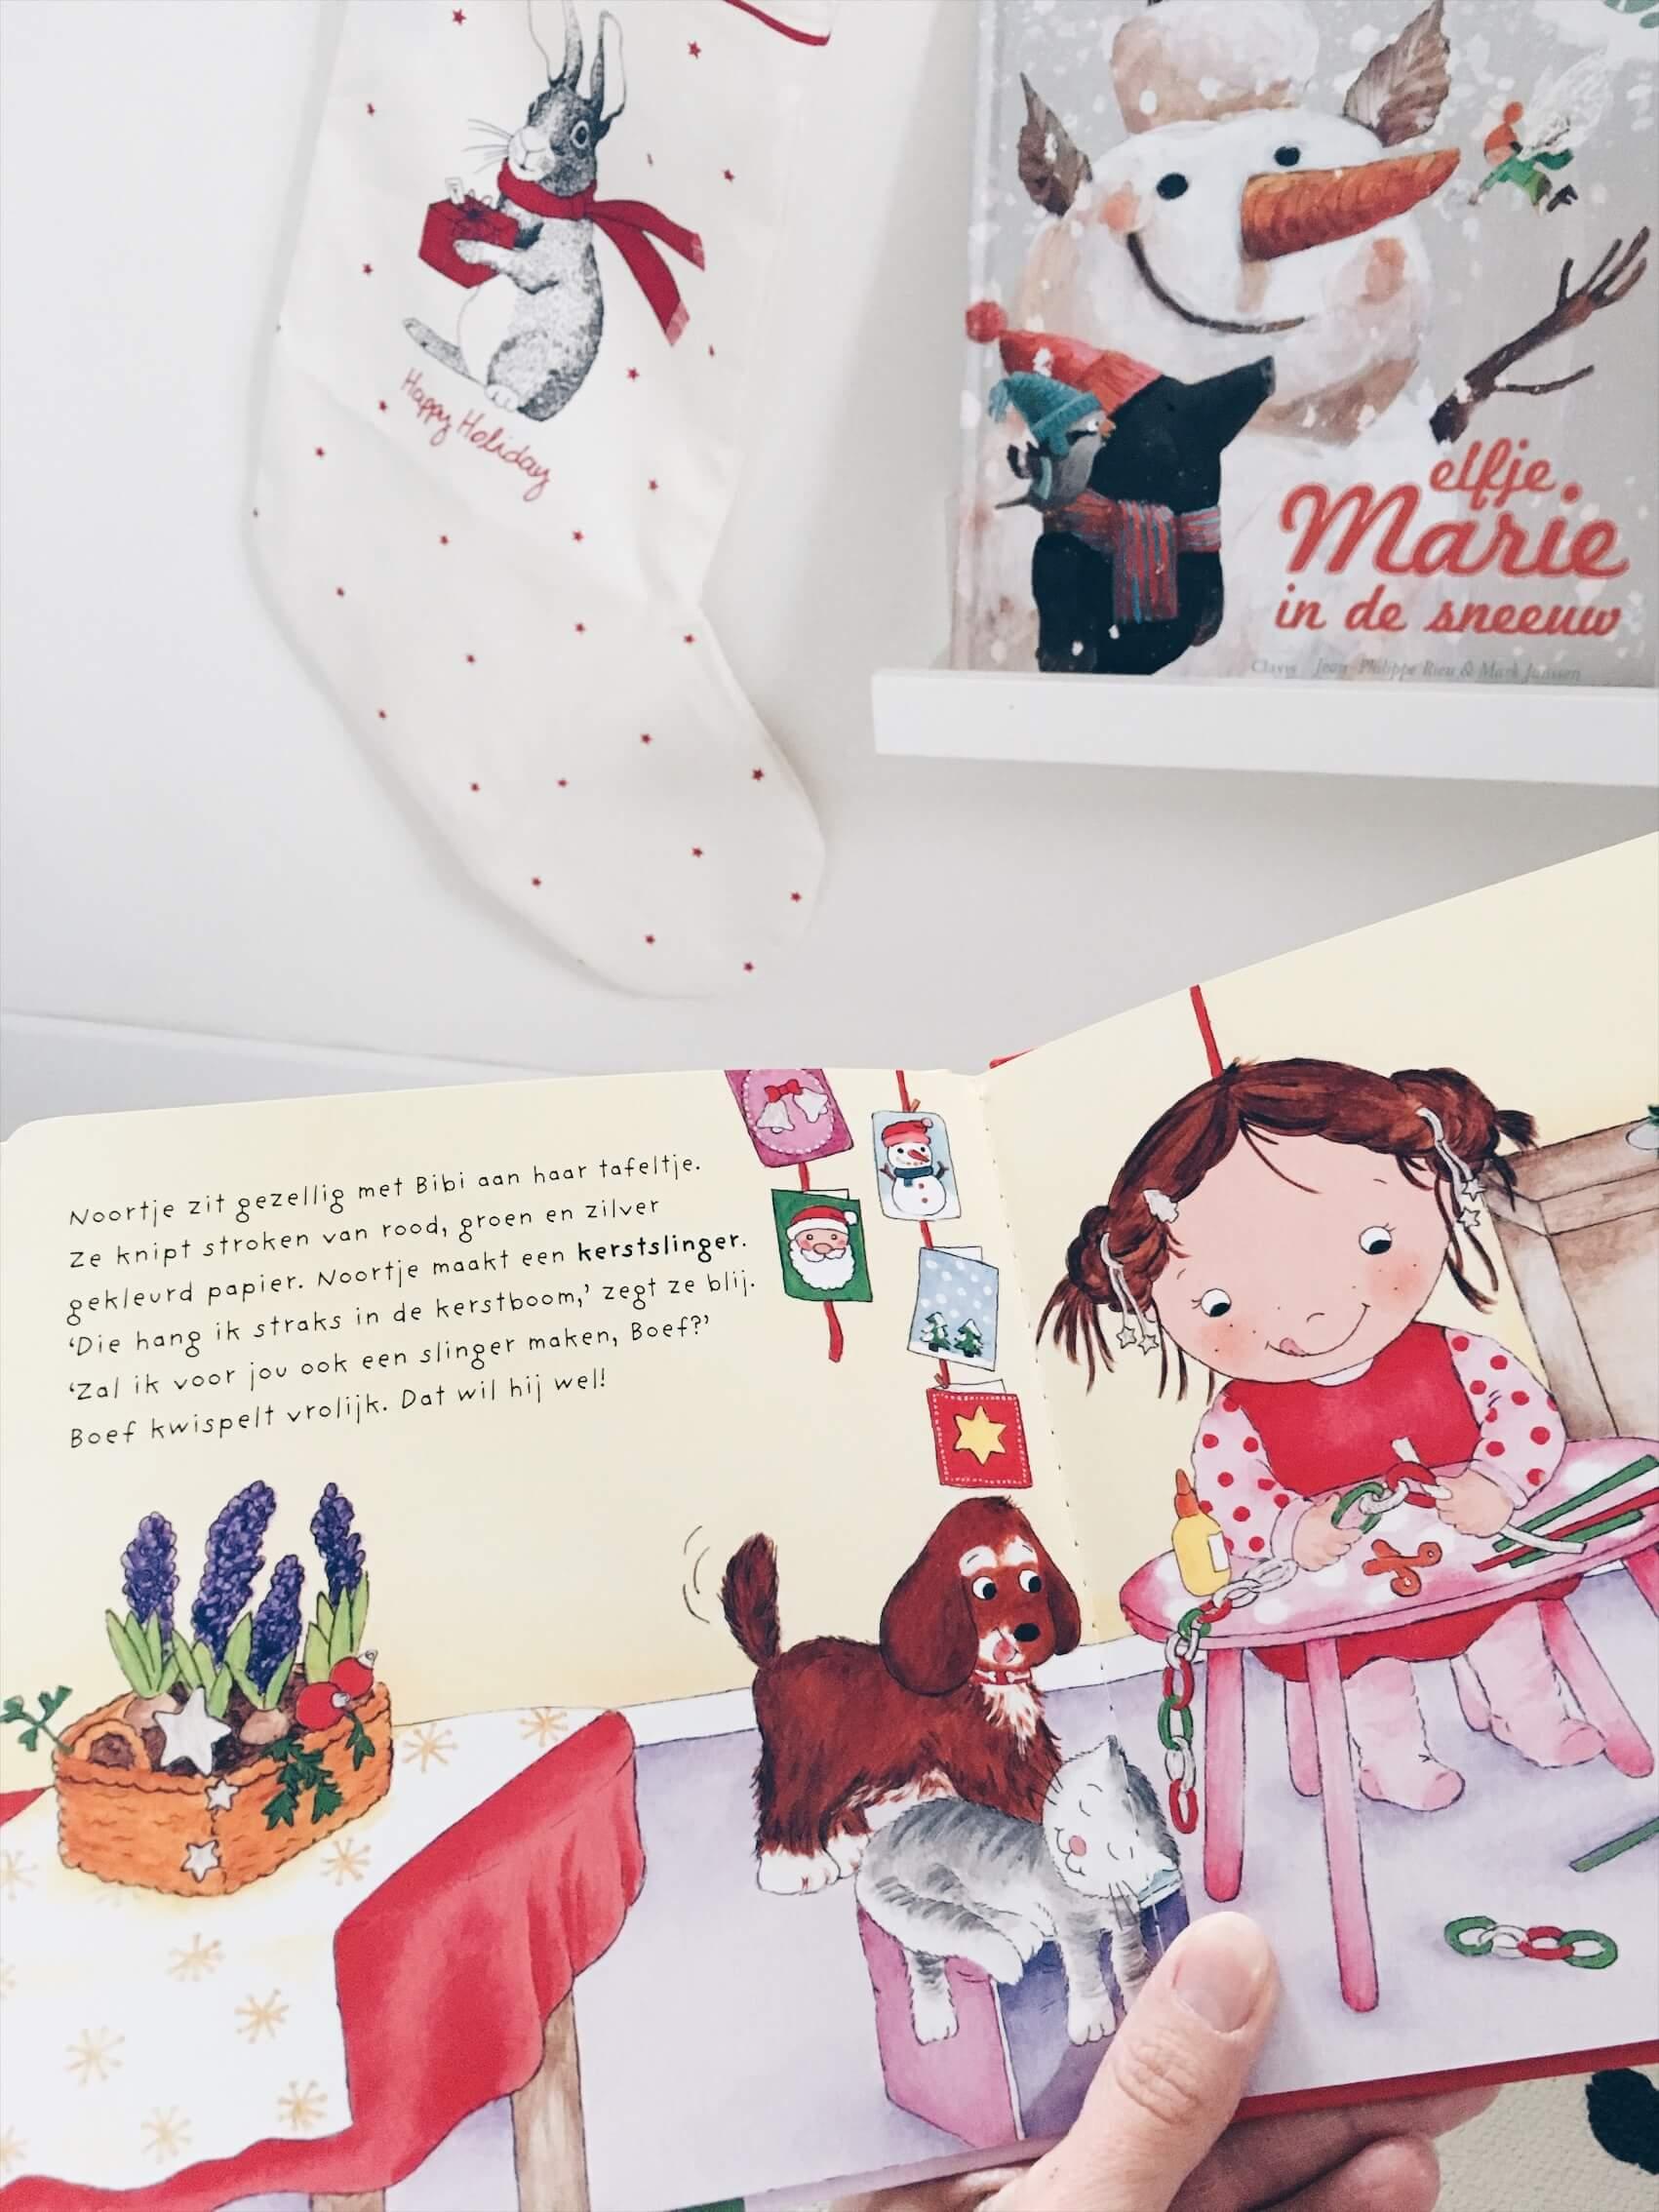 EE669895 D4FE 4D8D 88CF 0D692062AB3C - Leuke en mooie (prenten)boeken voor de winterdagen